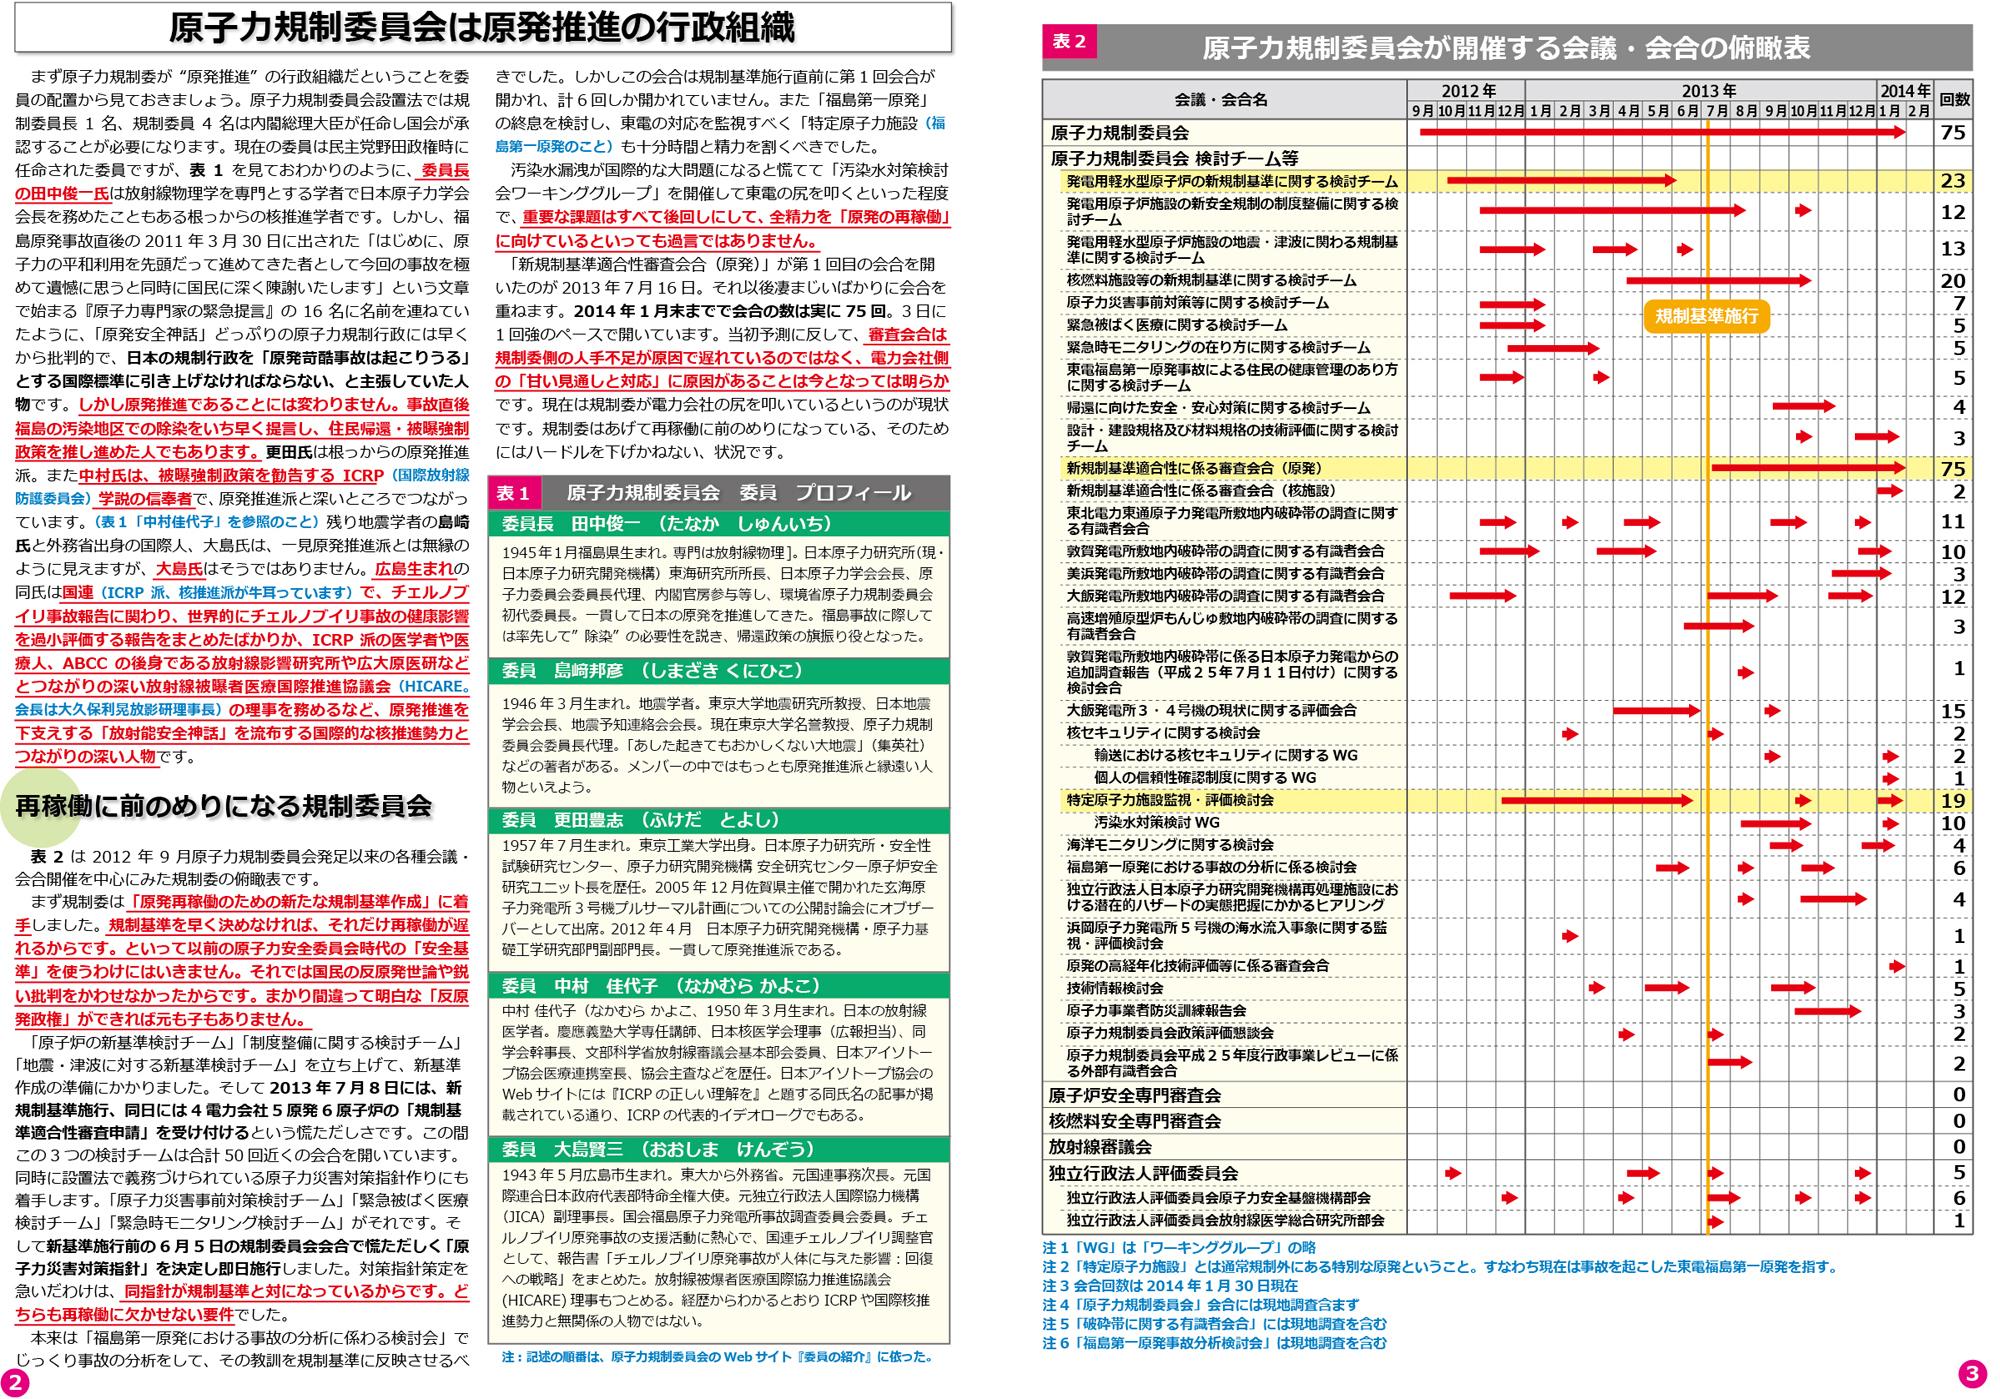 ファイル 258-2.jpg